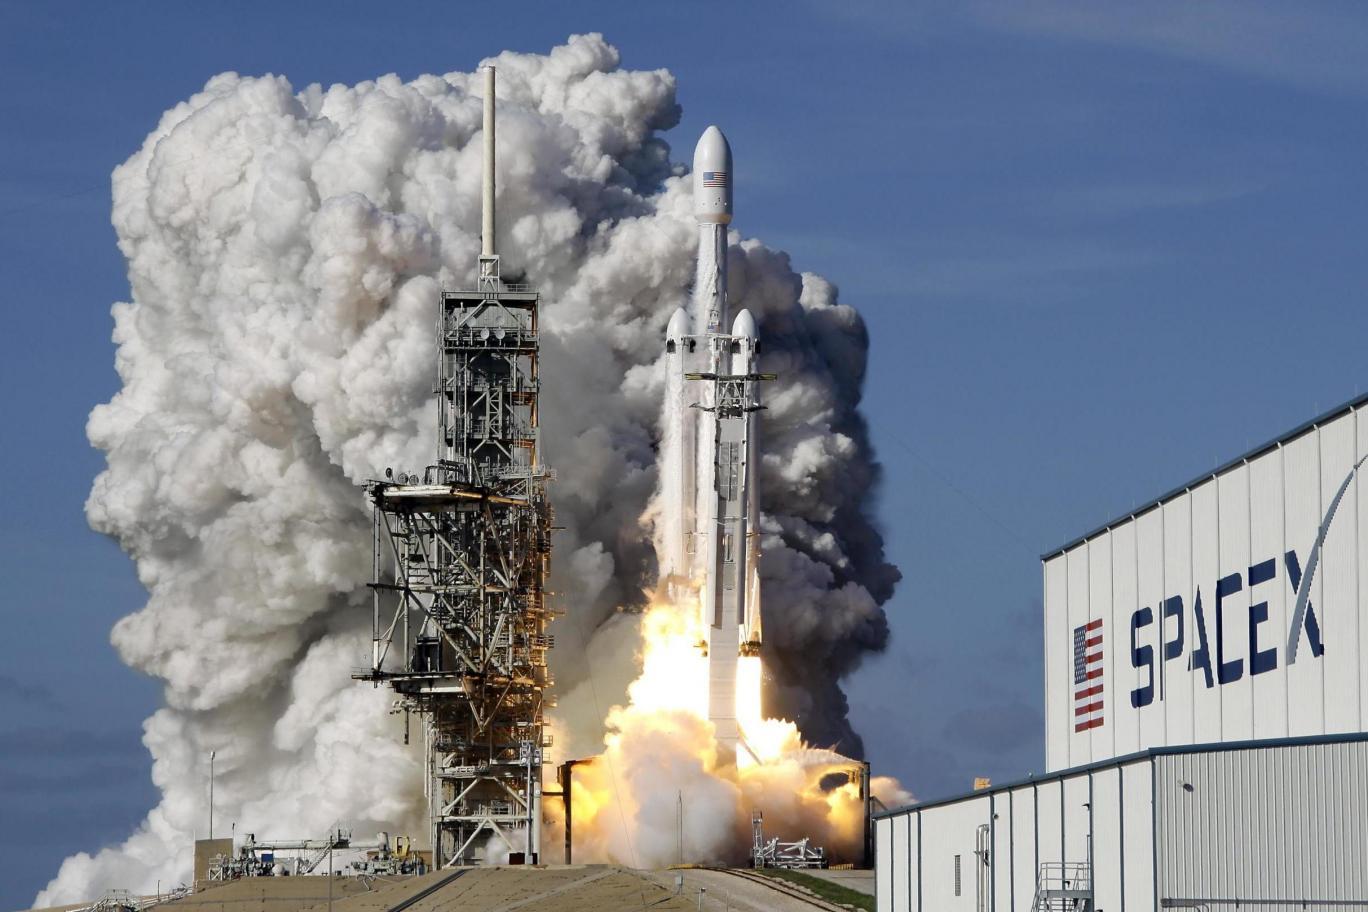 Firma SpaceX, już w 2025 roku planuje wysłać na Marsa statki zaopatrzeniowe, a niewiele później loty załogowe